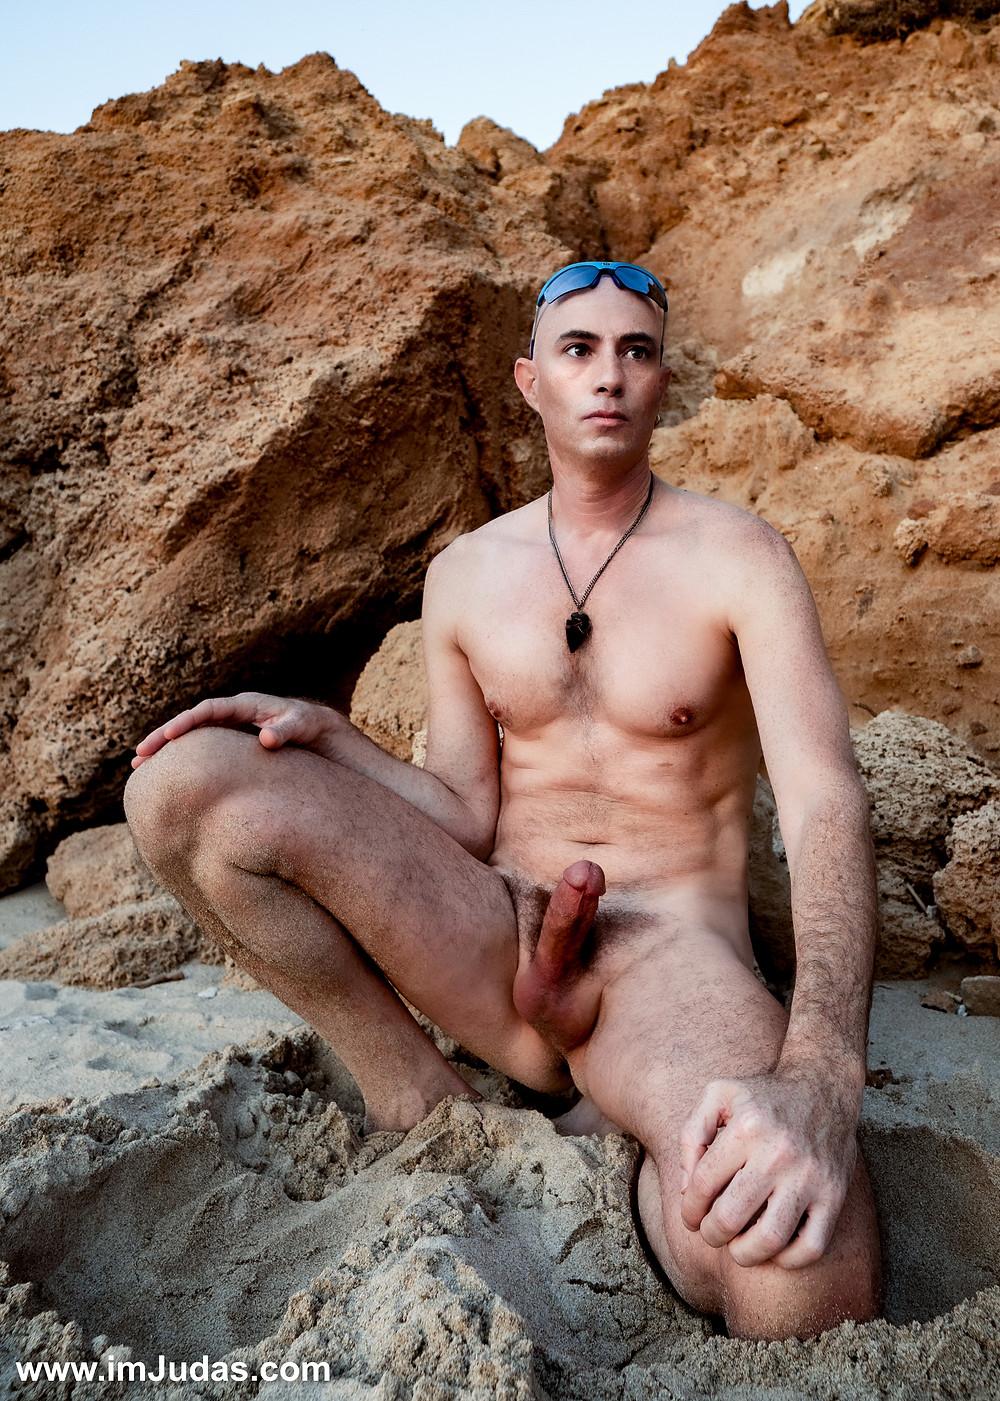 Hard and naked at the beach